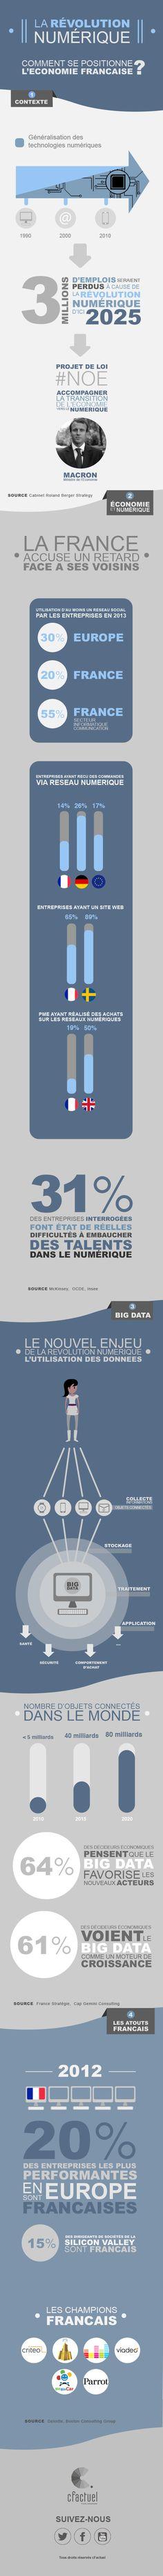 Infographie : la révolution numérique - Le ministre de l'Economie E. Macron souhaite une loi permettant à la France de passer à une économie du numérique. L'enjeu est de taille. Les créations d'emplois potentielles sont importantes. Les destructions sont elles certaines. En savoir plus sur cFactuel : http://www.cfactuel.fr